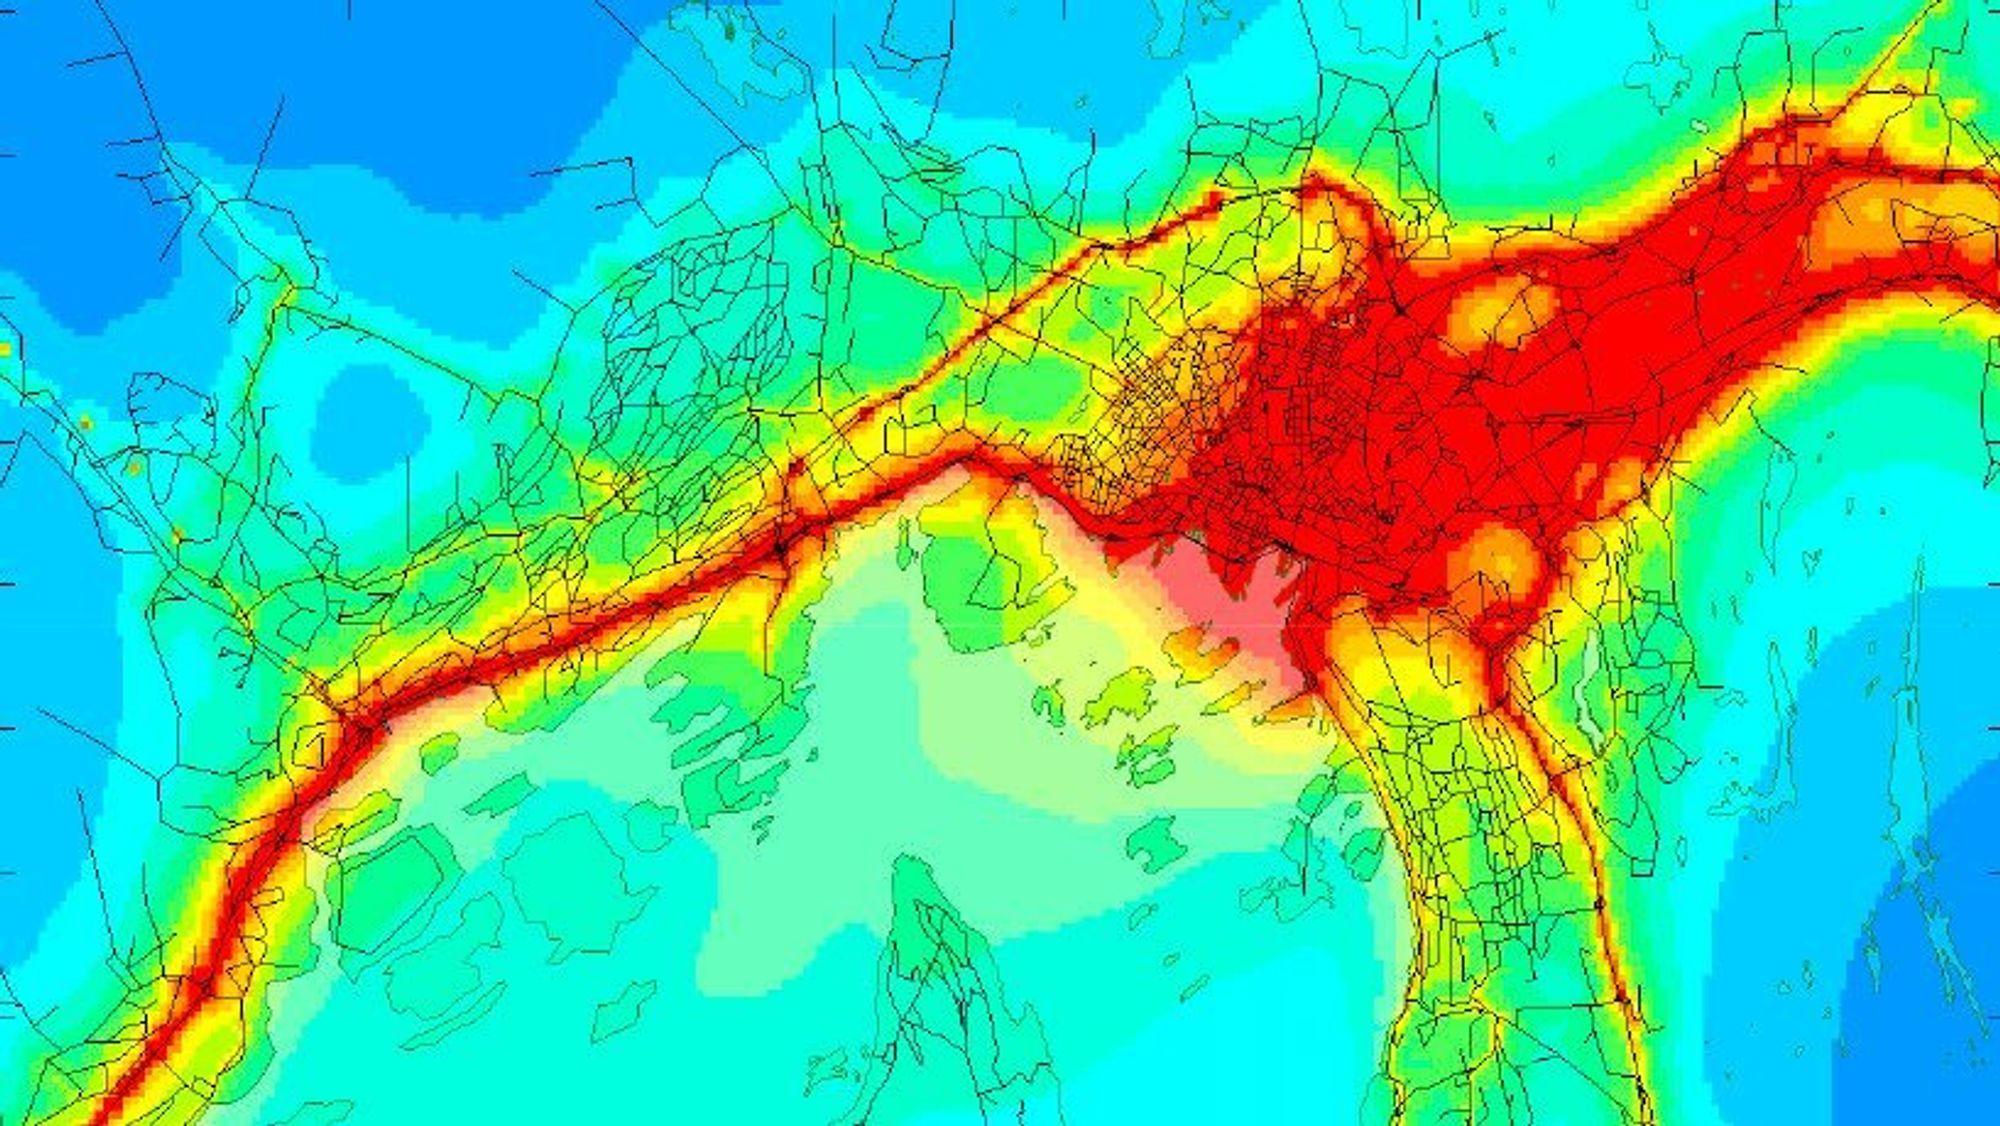 Fra arkivet: Oslo-kartet viser årsmiddelverdien for nitrogendioksid (NO2) 21. juni 2016. Områder i rødt lå over grenseverdien.